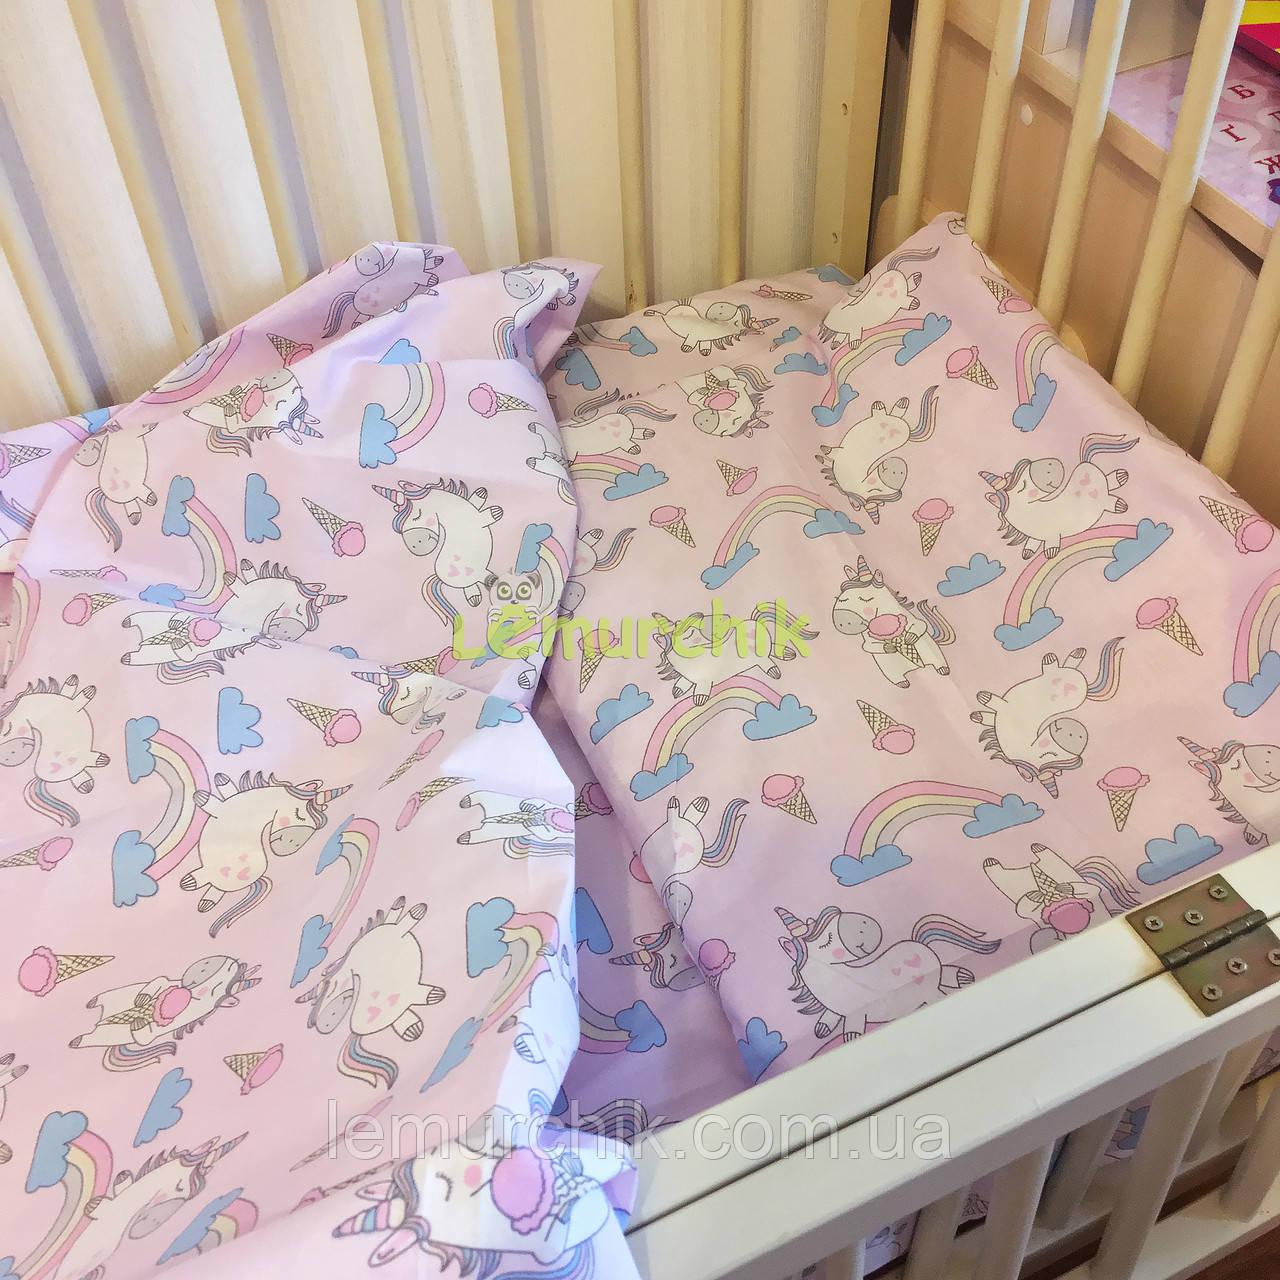 Постельный набор в детскую кроватку (3 предмета) Единороги с мороженым розовый